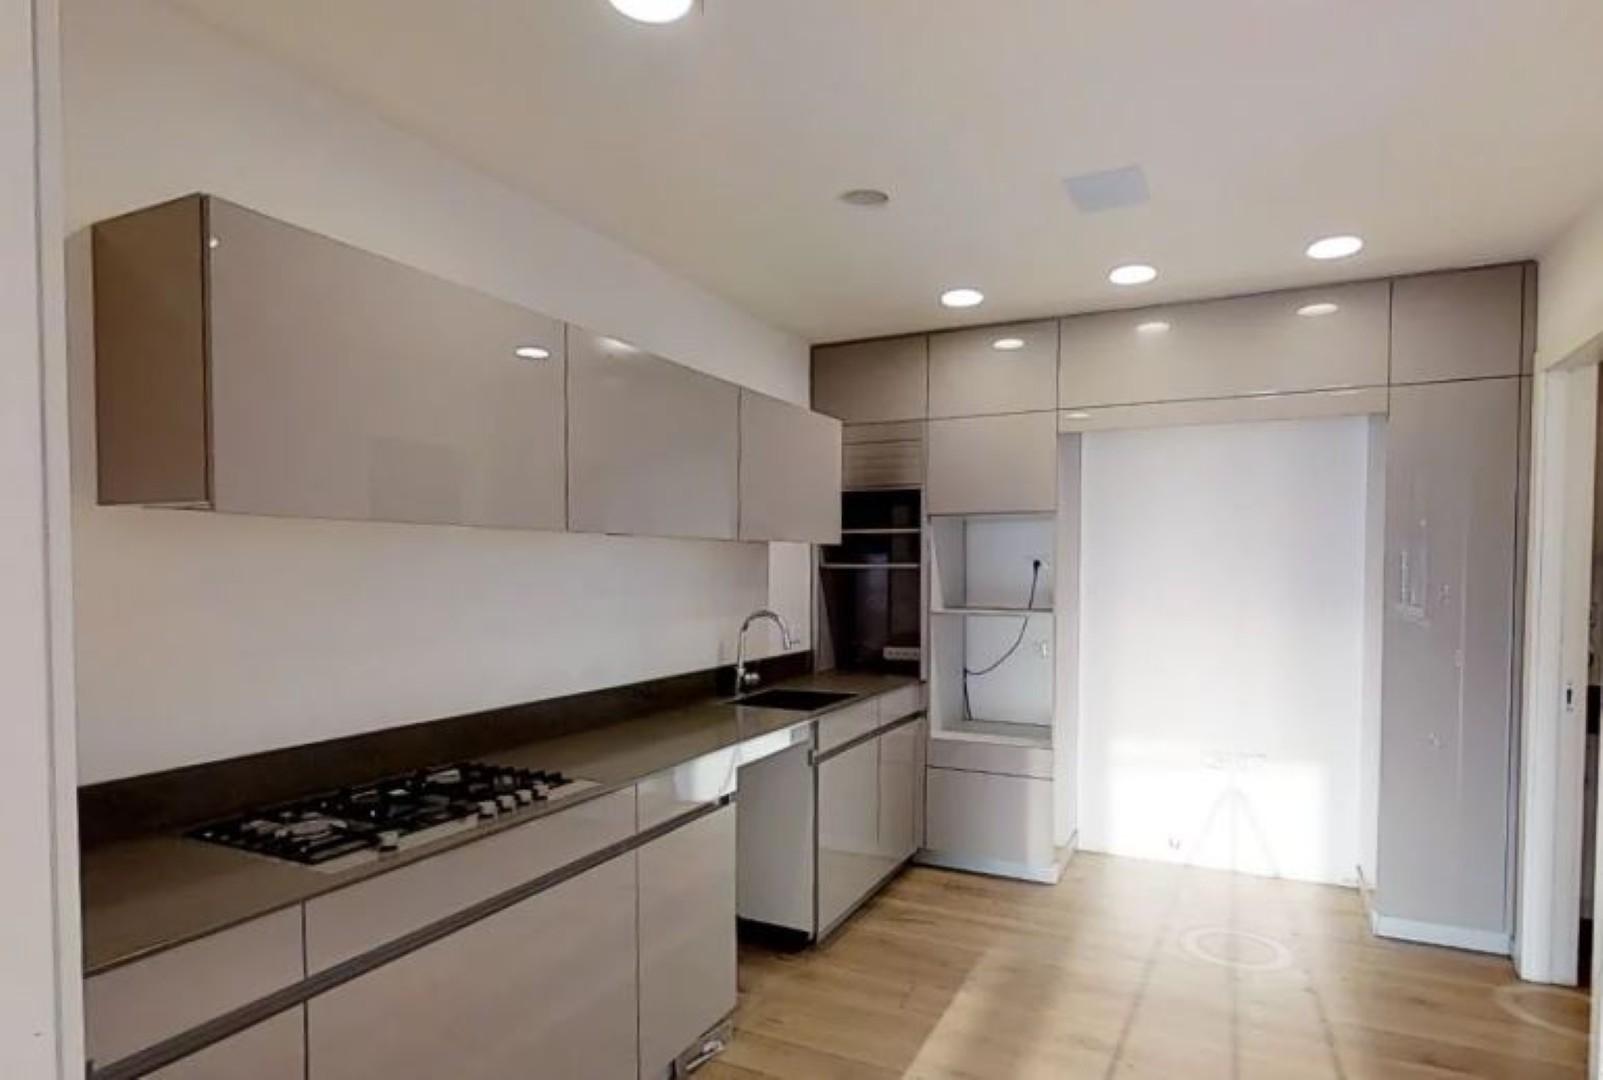 המטבח (צילום: v360 )